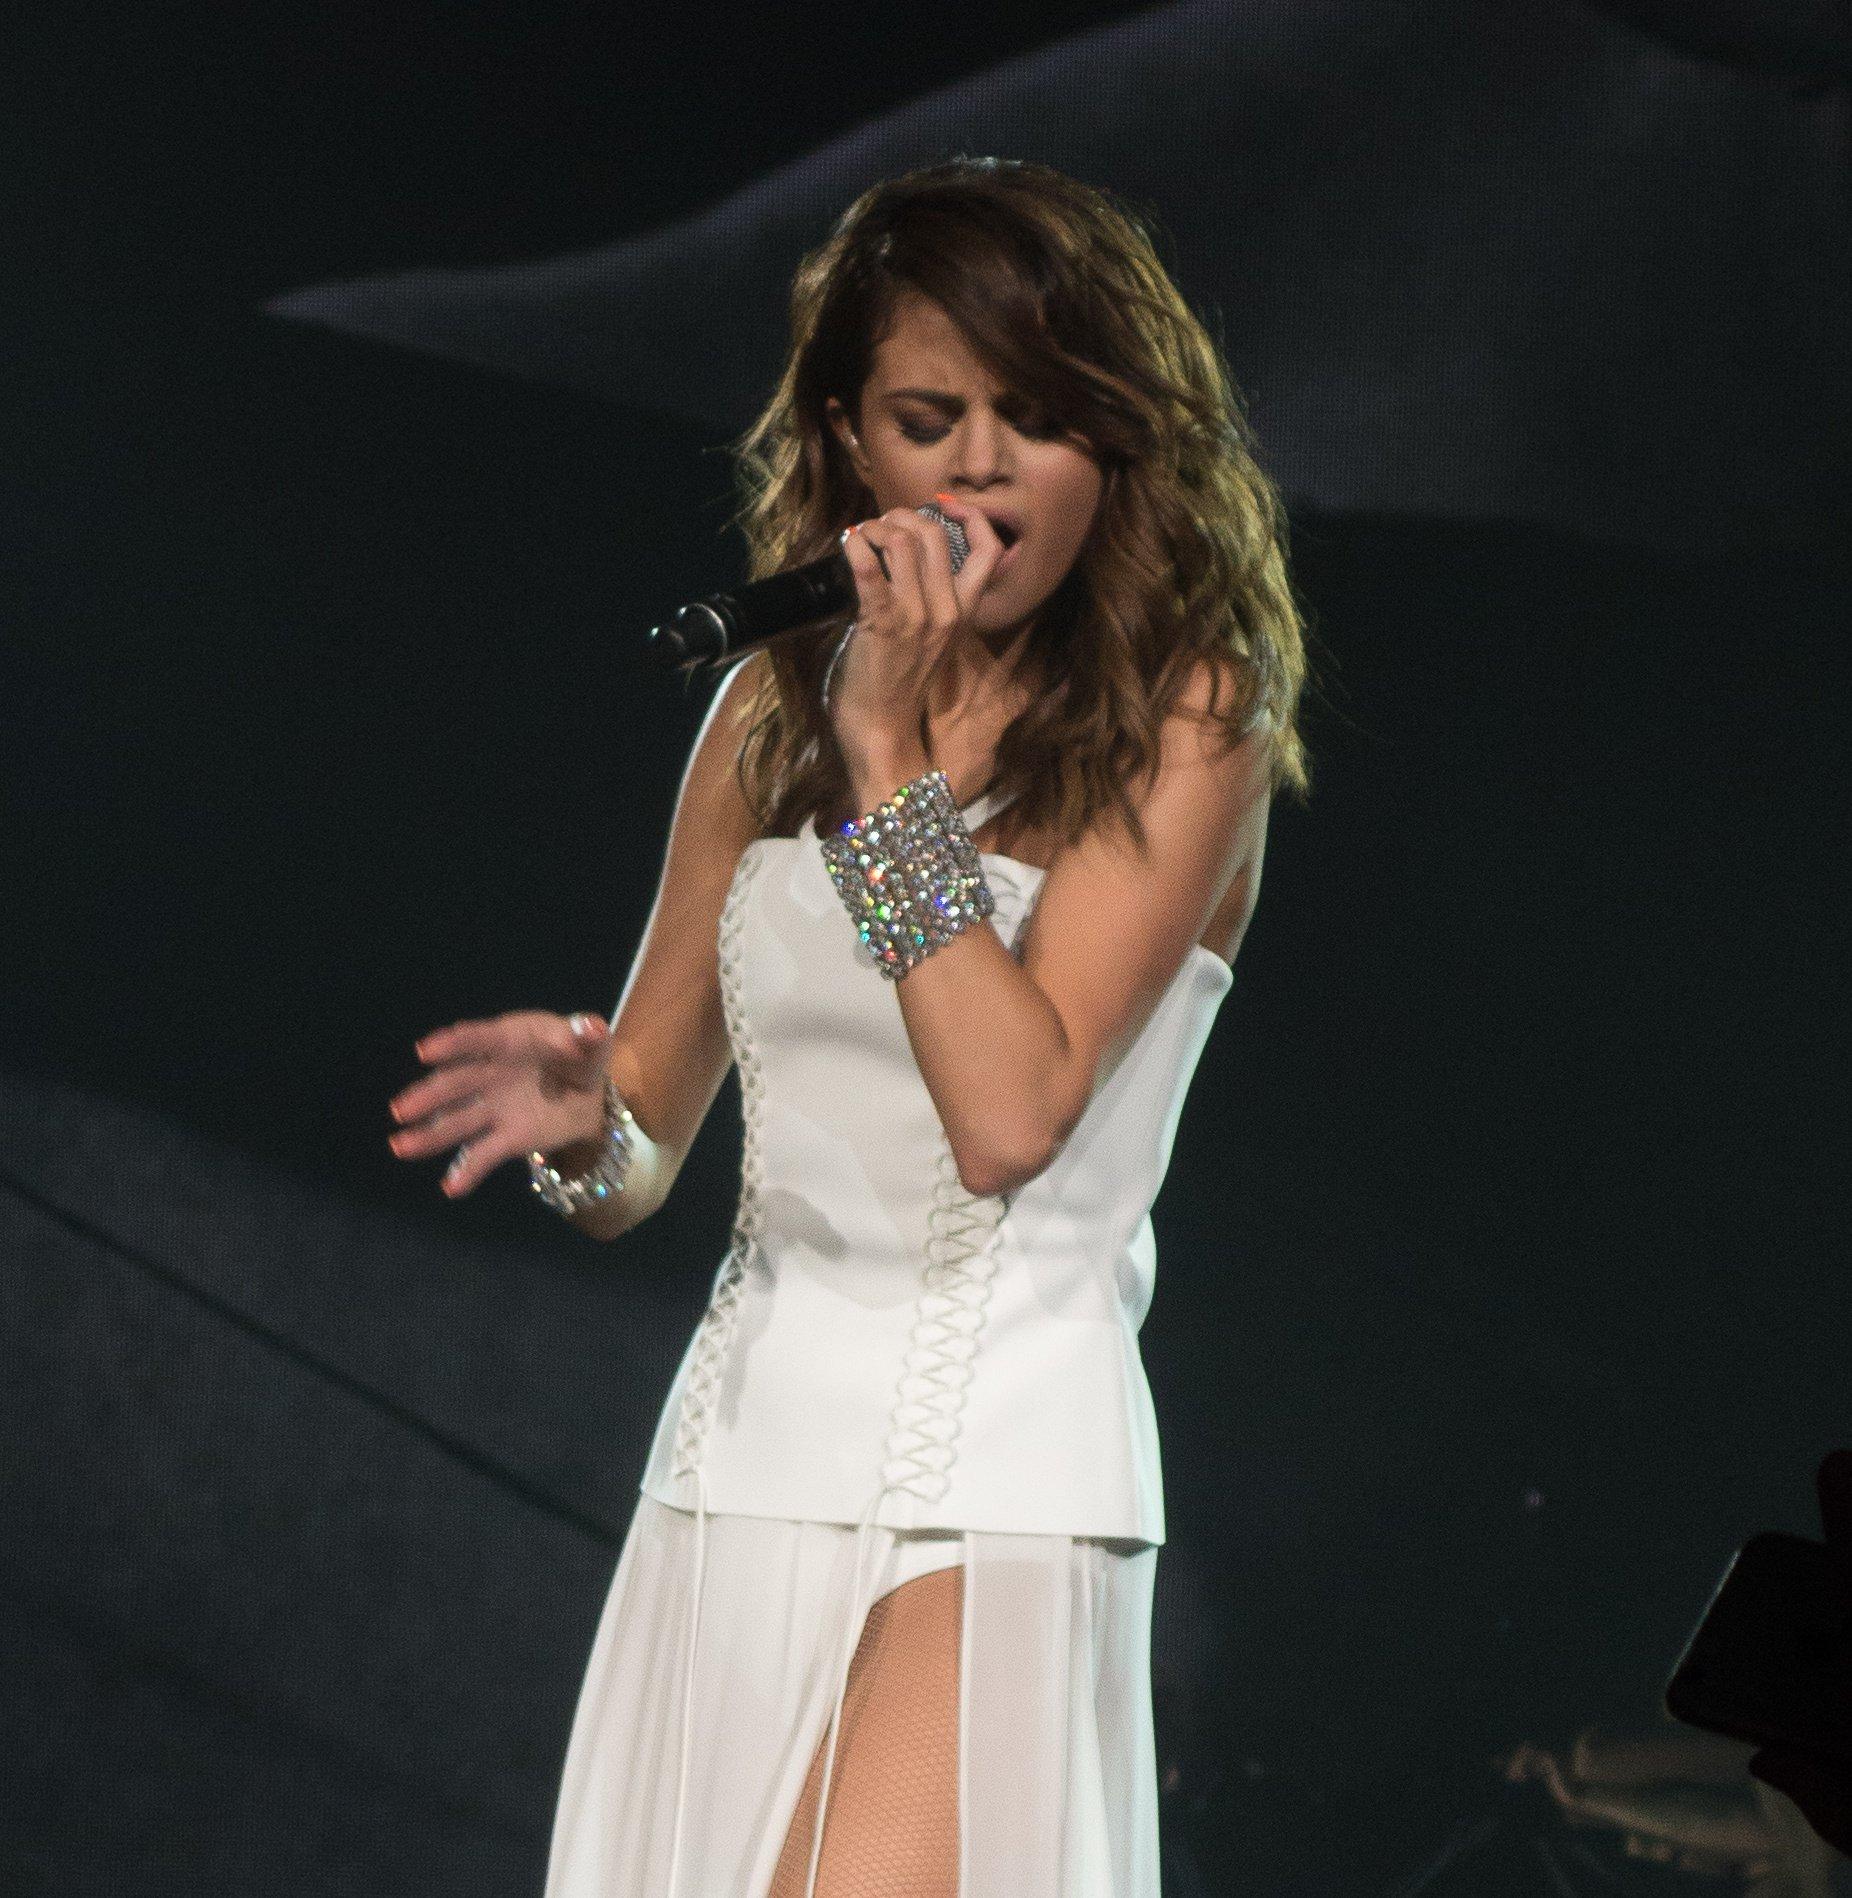 Selena Gomez House Tour: Selena Gomez (12)